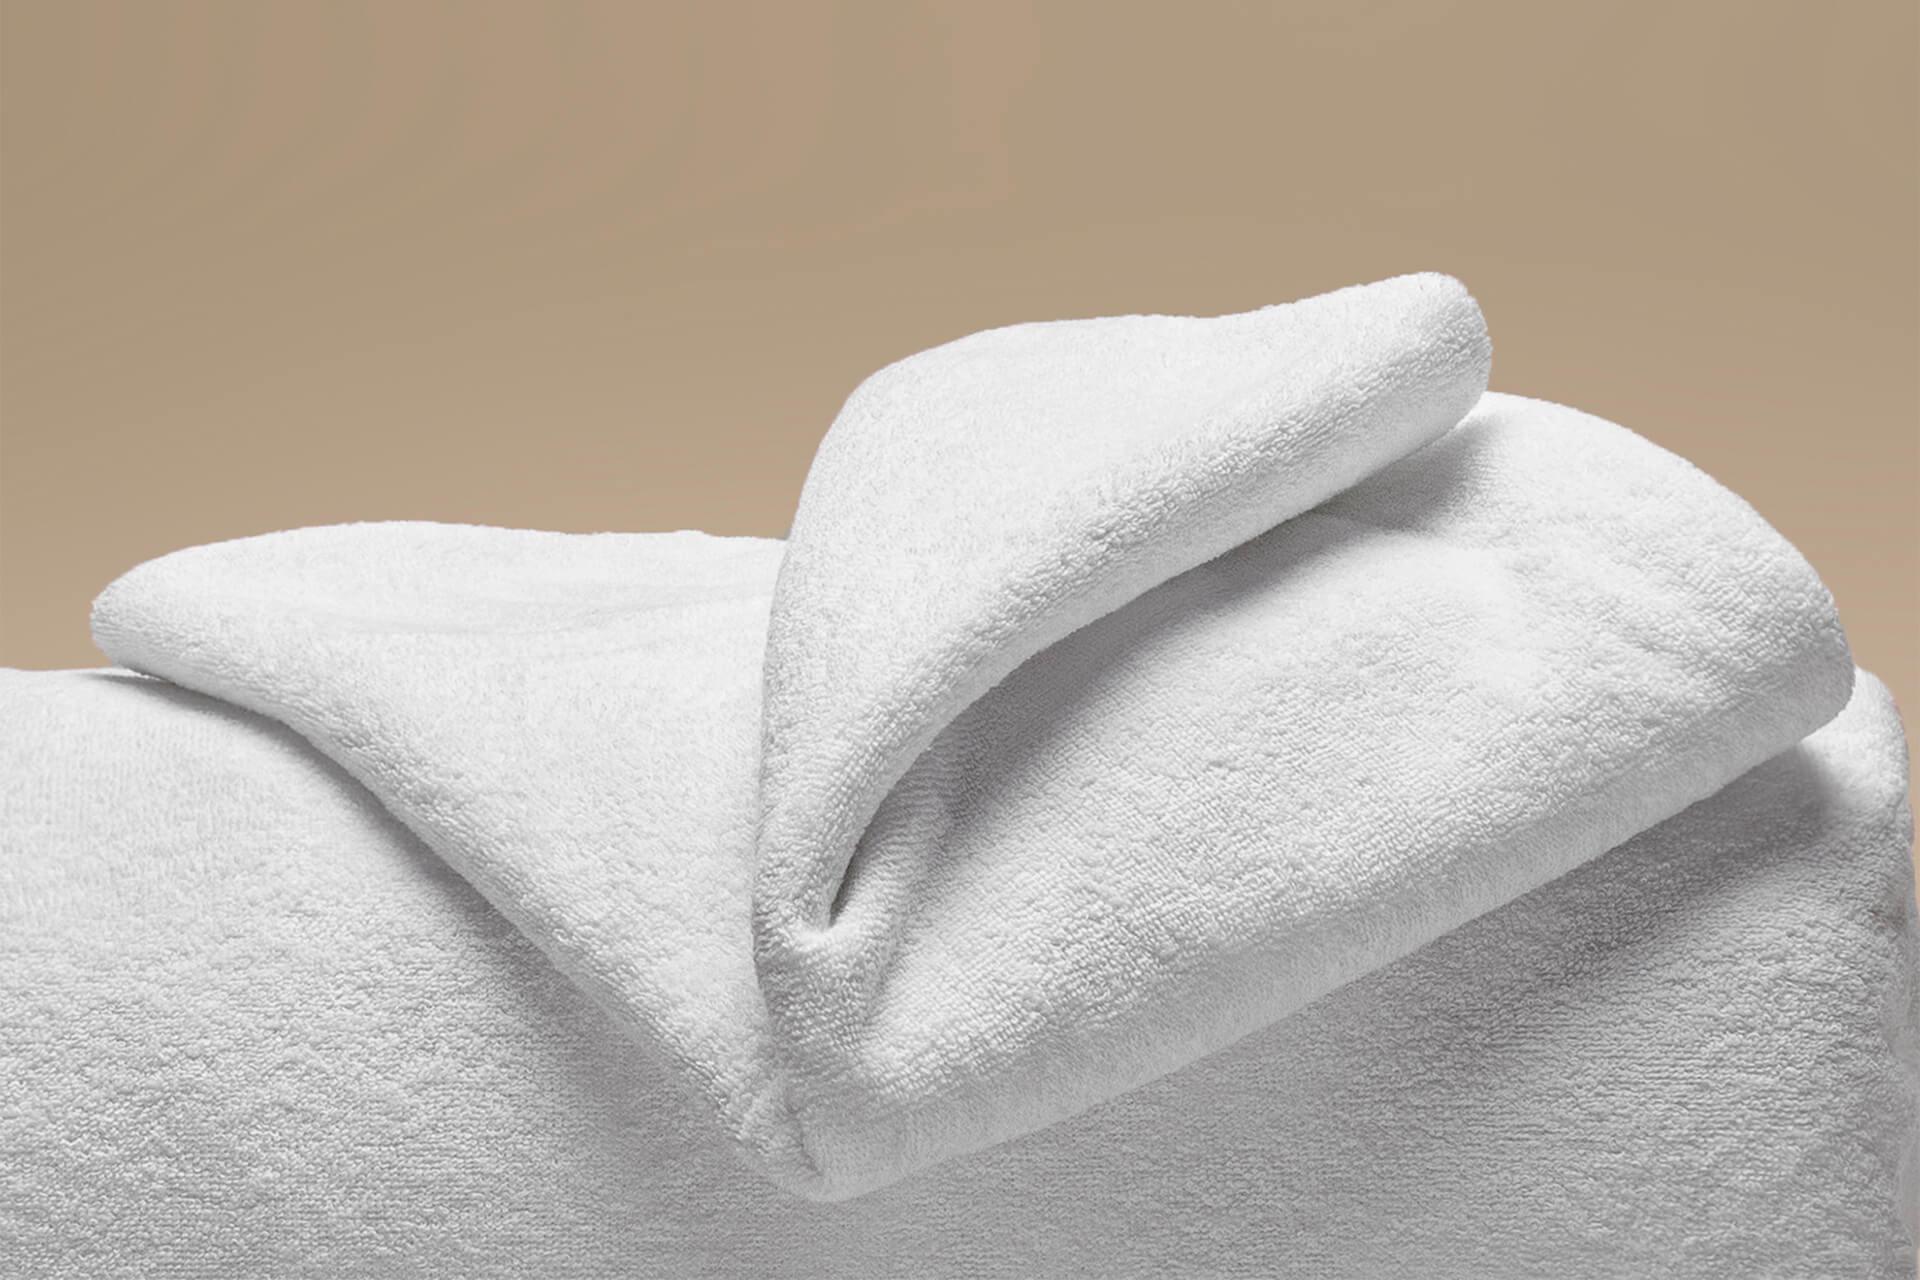 coprimaterasso elasticizzato a cappuccio dettaglio